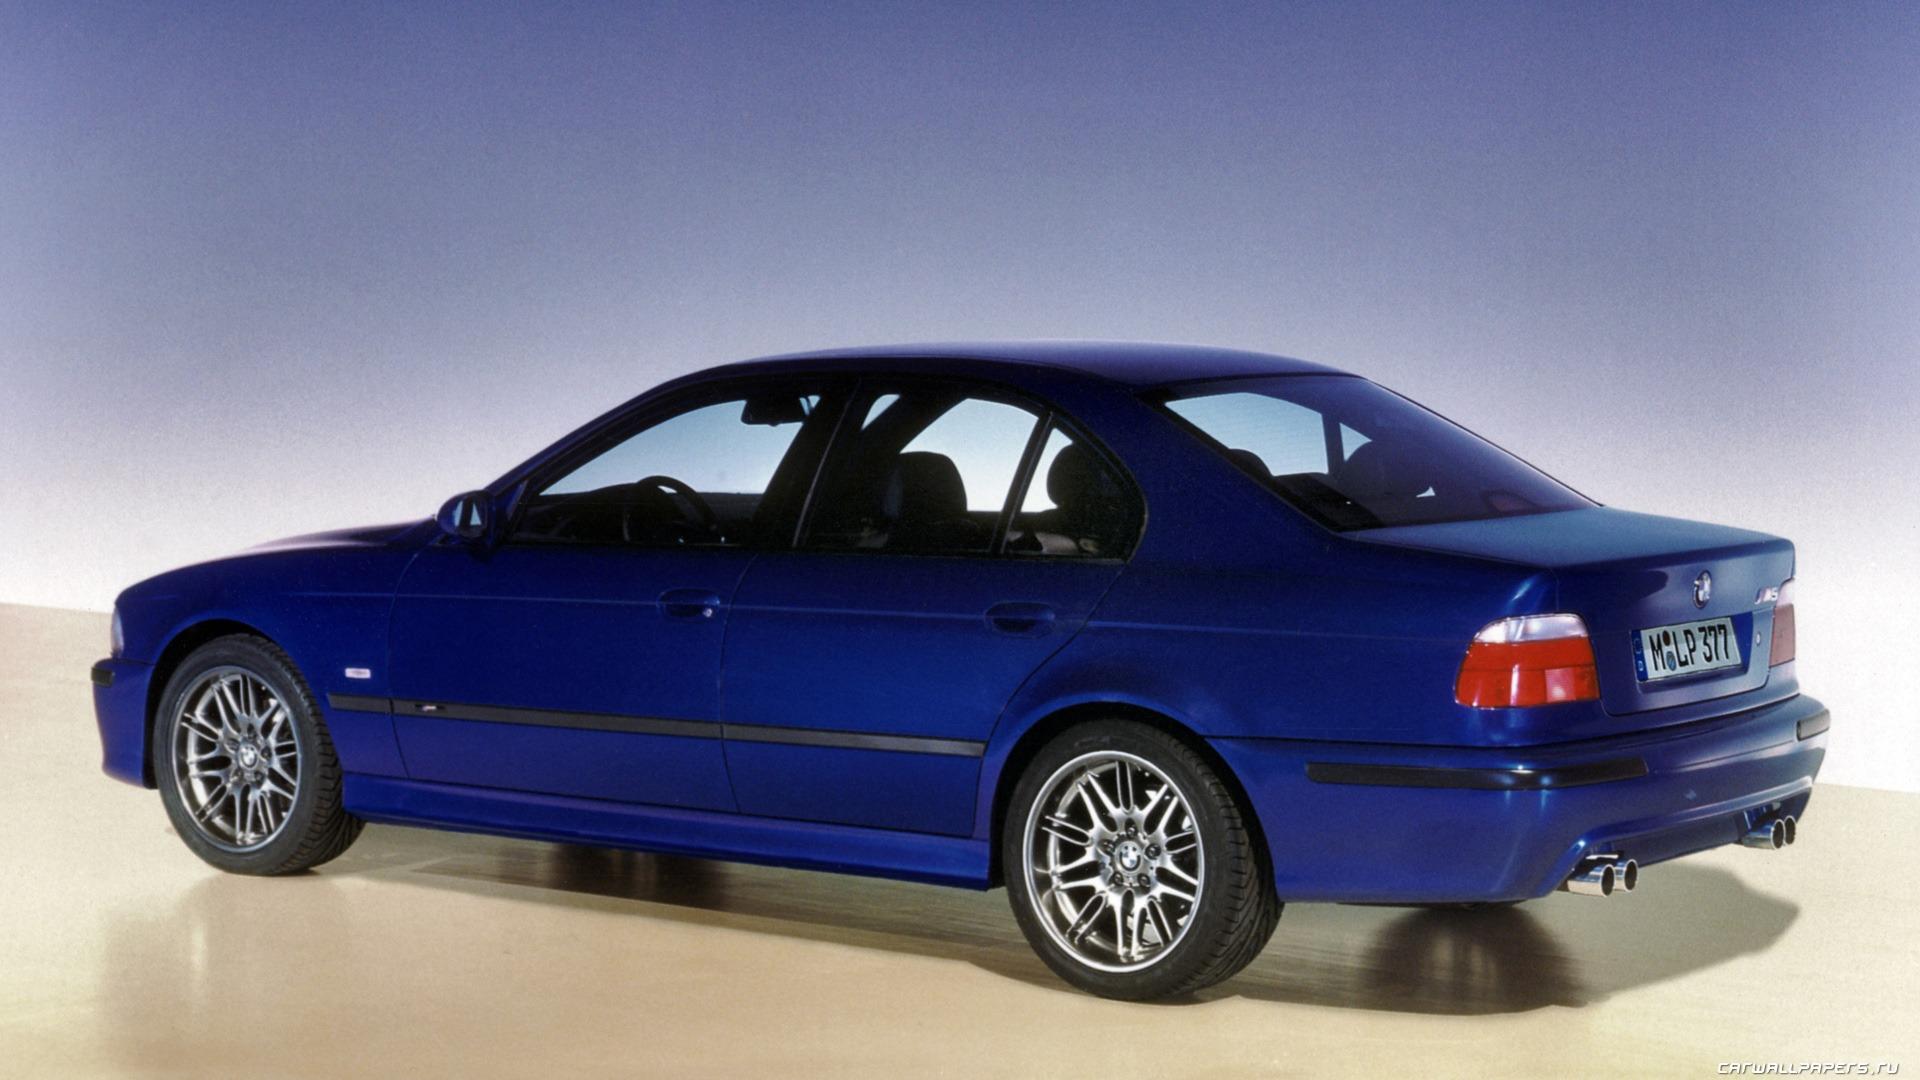 BMW M5 E39 HD wallpaper #7 - 1920x1080 Wallpaper Download ...